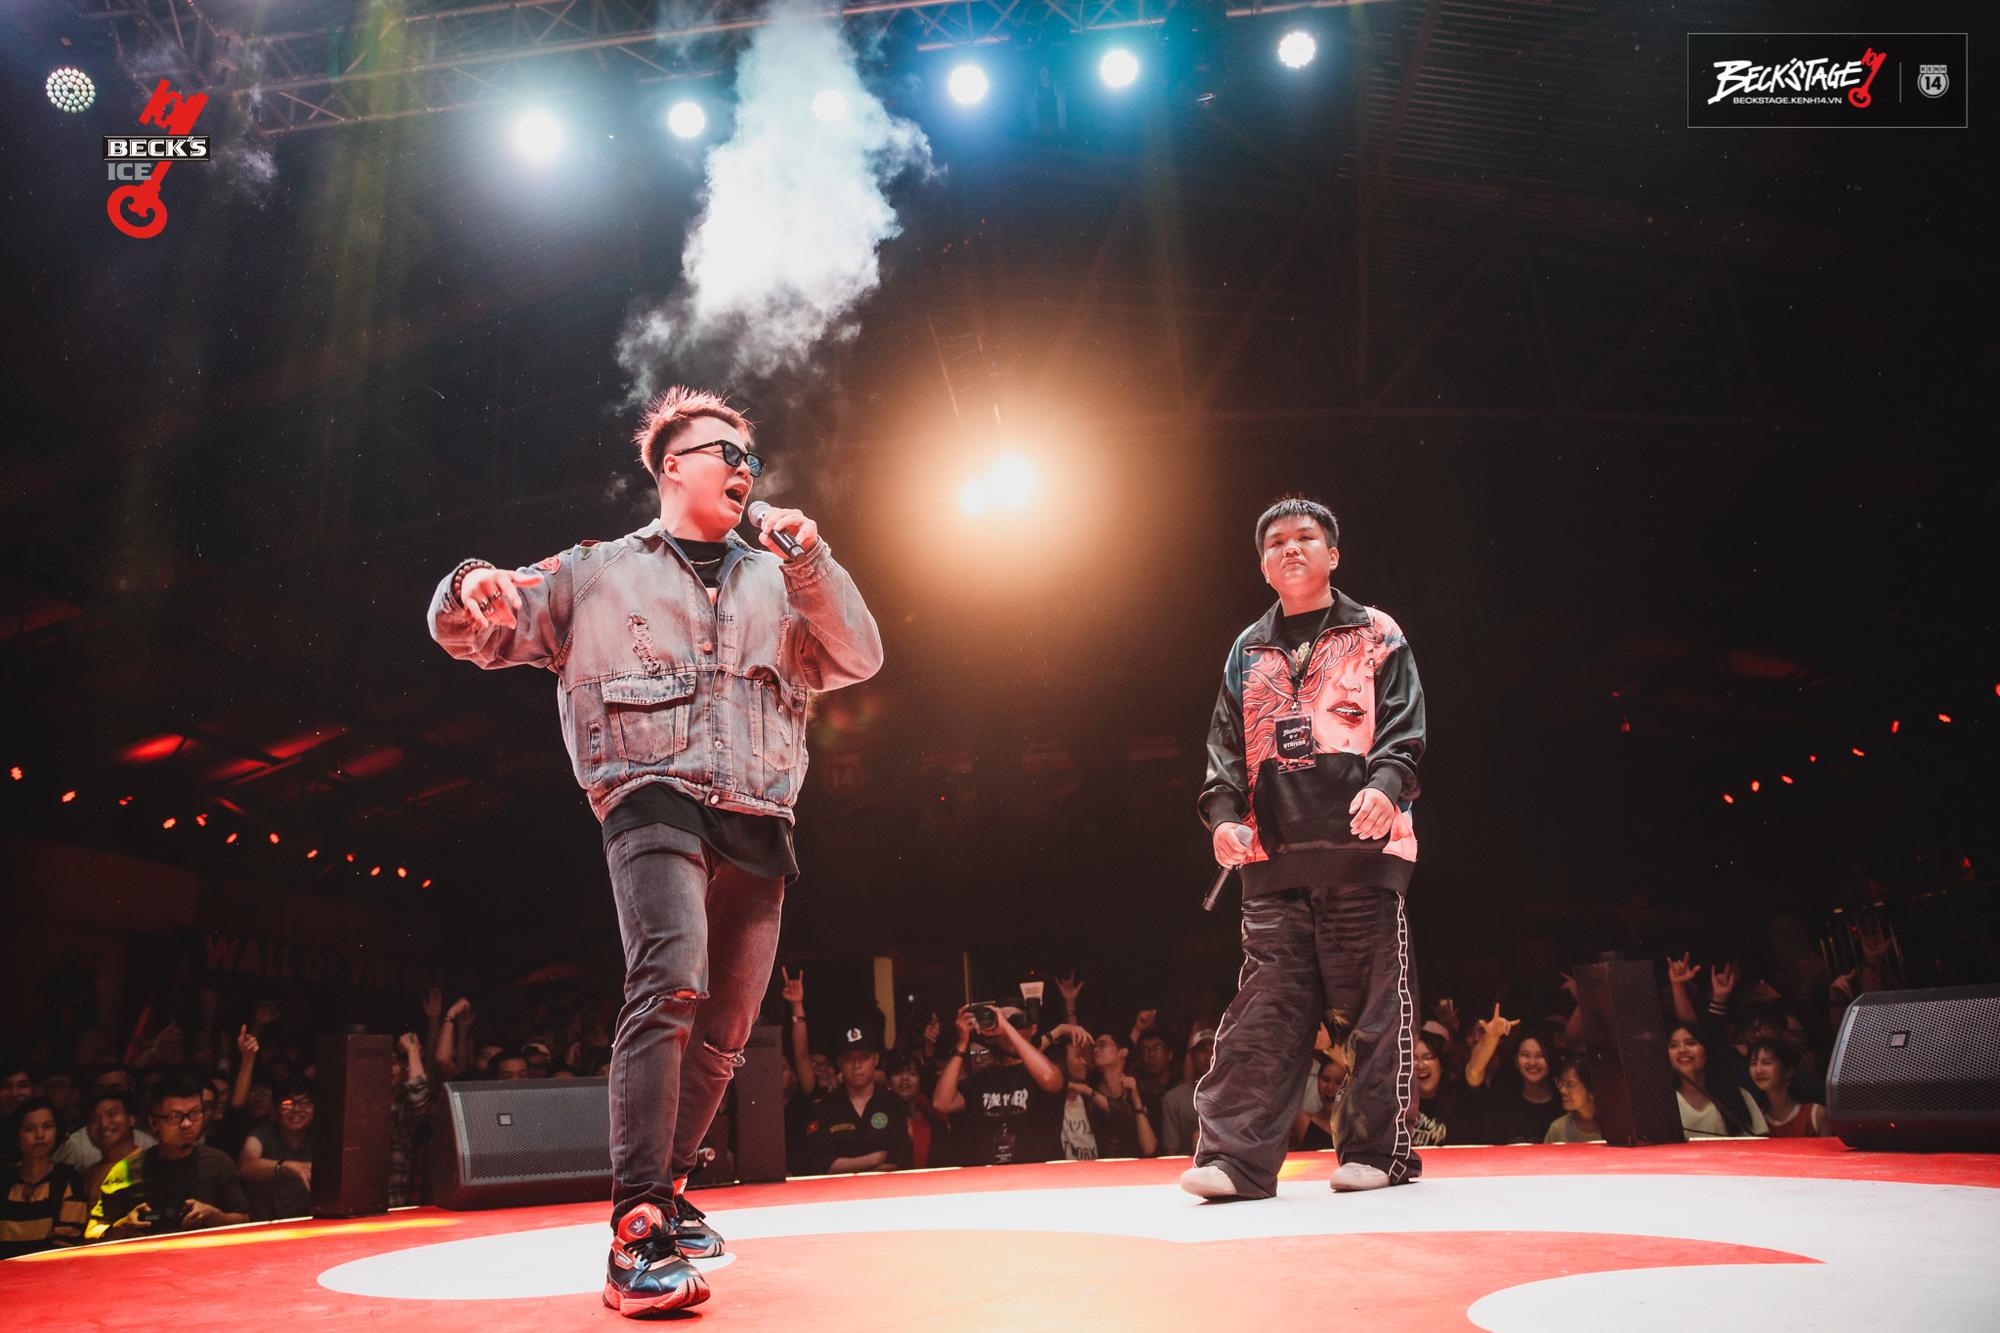 Ngôi vô địch BeckStage Battle Rap đã có chủ: Sóc Nâu và Phúc Du giành lấy ngôi vương đầy thuyết phục, một tương lai đầy hy vọng của rap Việt! - Ảnh 7.